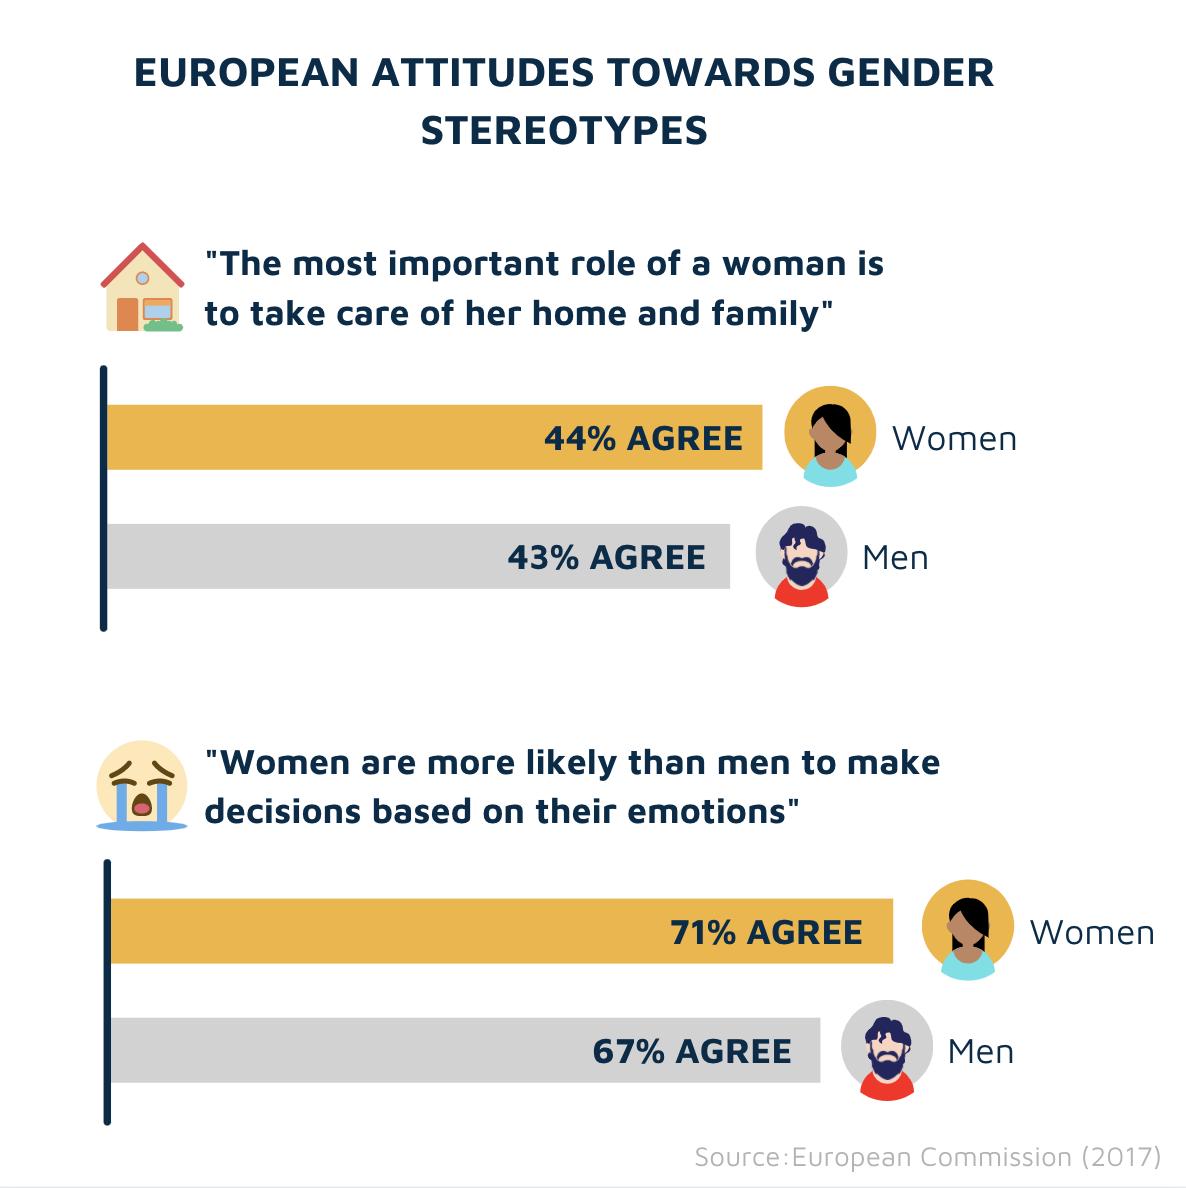 European attitudes towards gender stereotypes